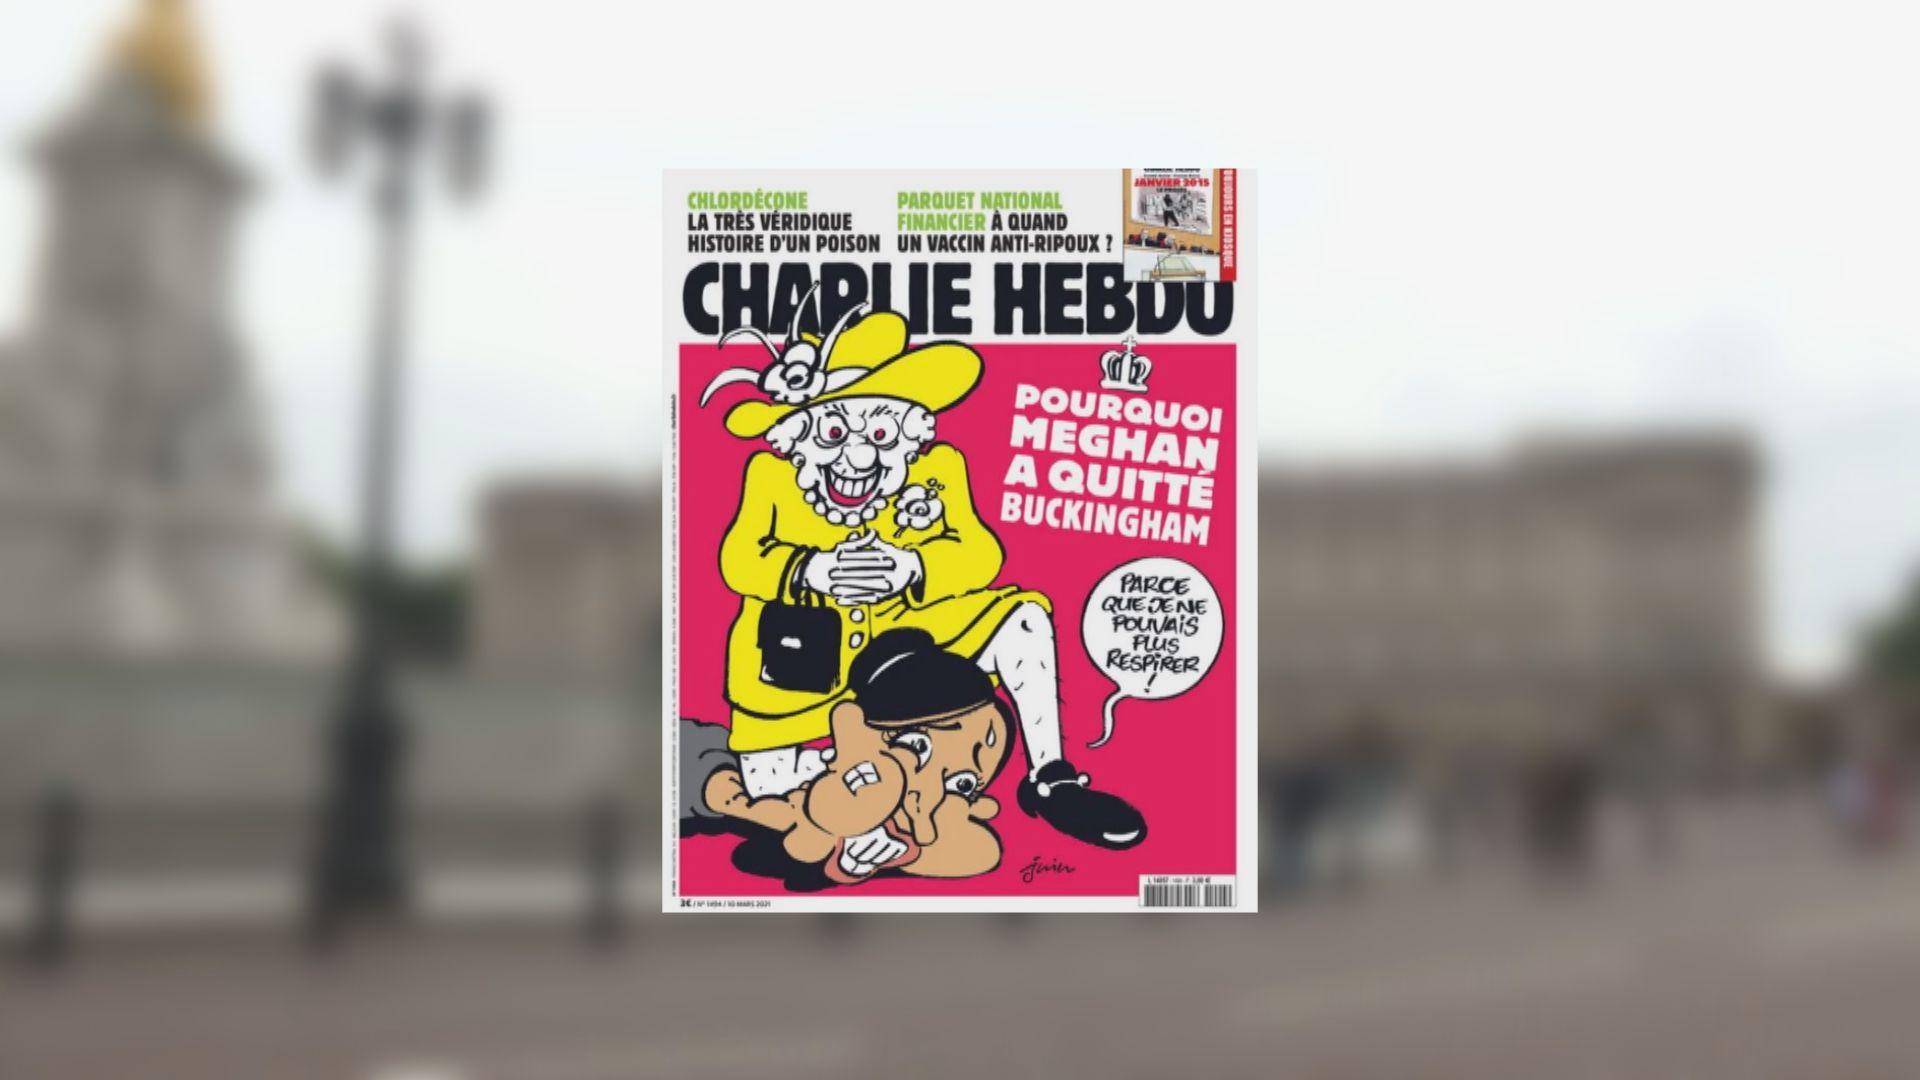 《查理周刊》漫畫諷刺英國王室種族歧視